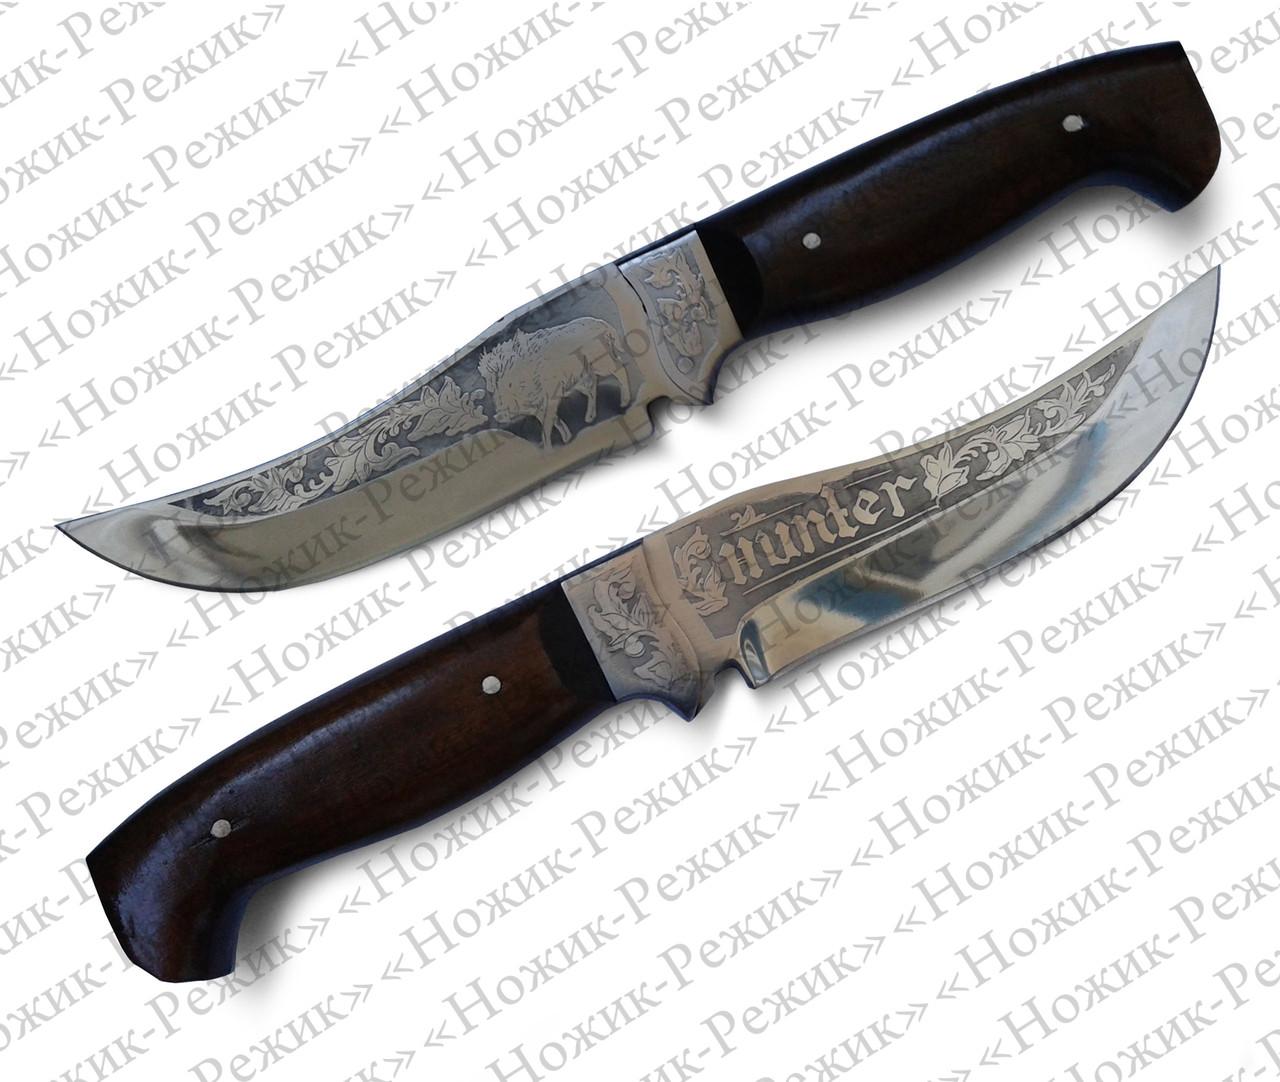 Нож туристический, подарок другу, подарок мужу, нож для рыбалки, нож для охоты, ножи ручной работы